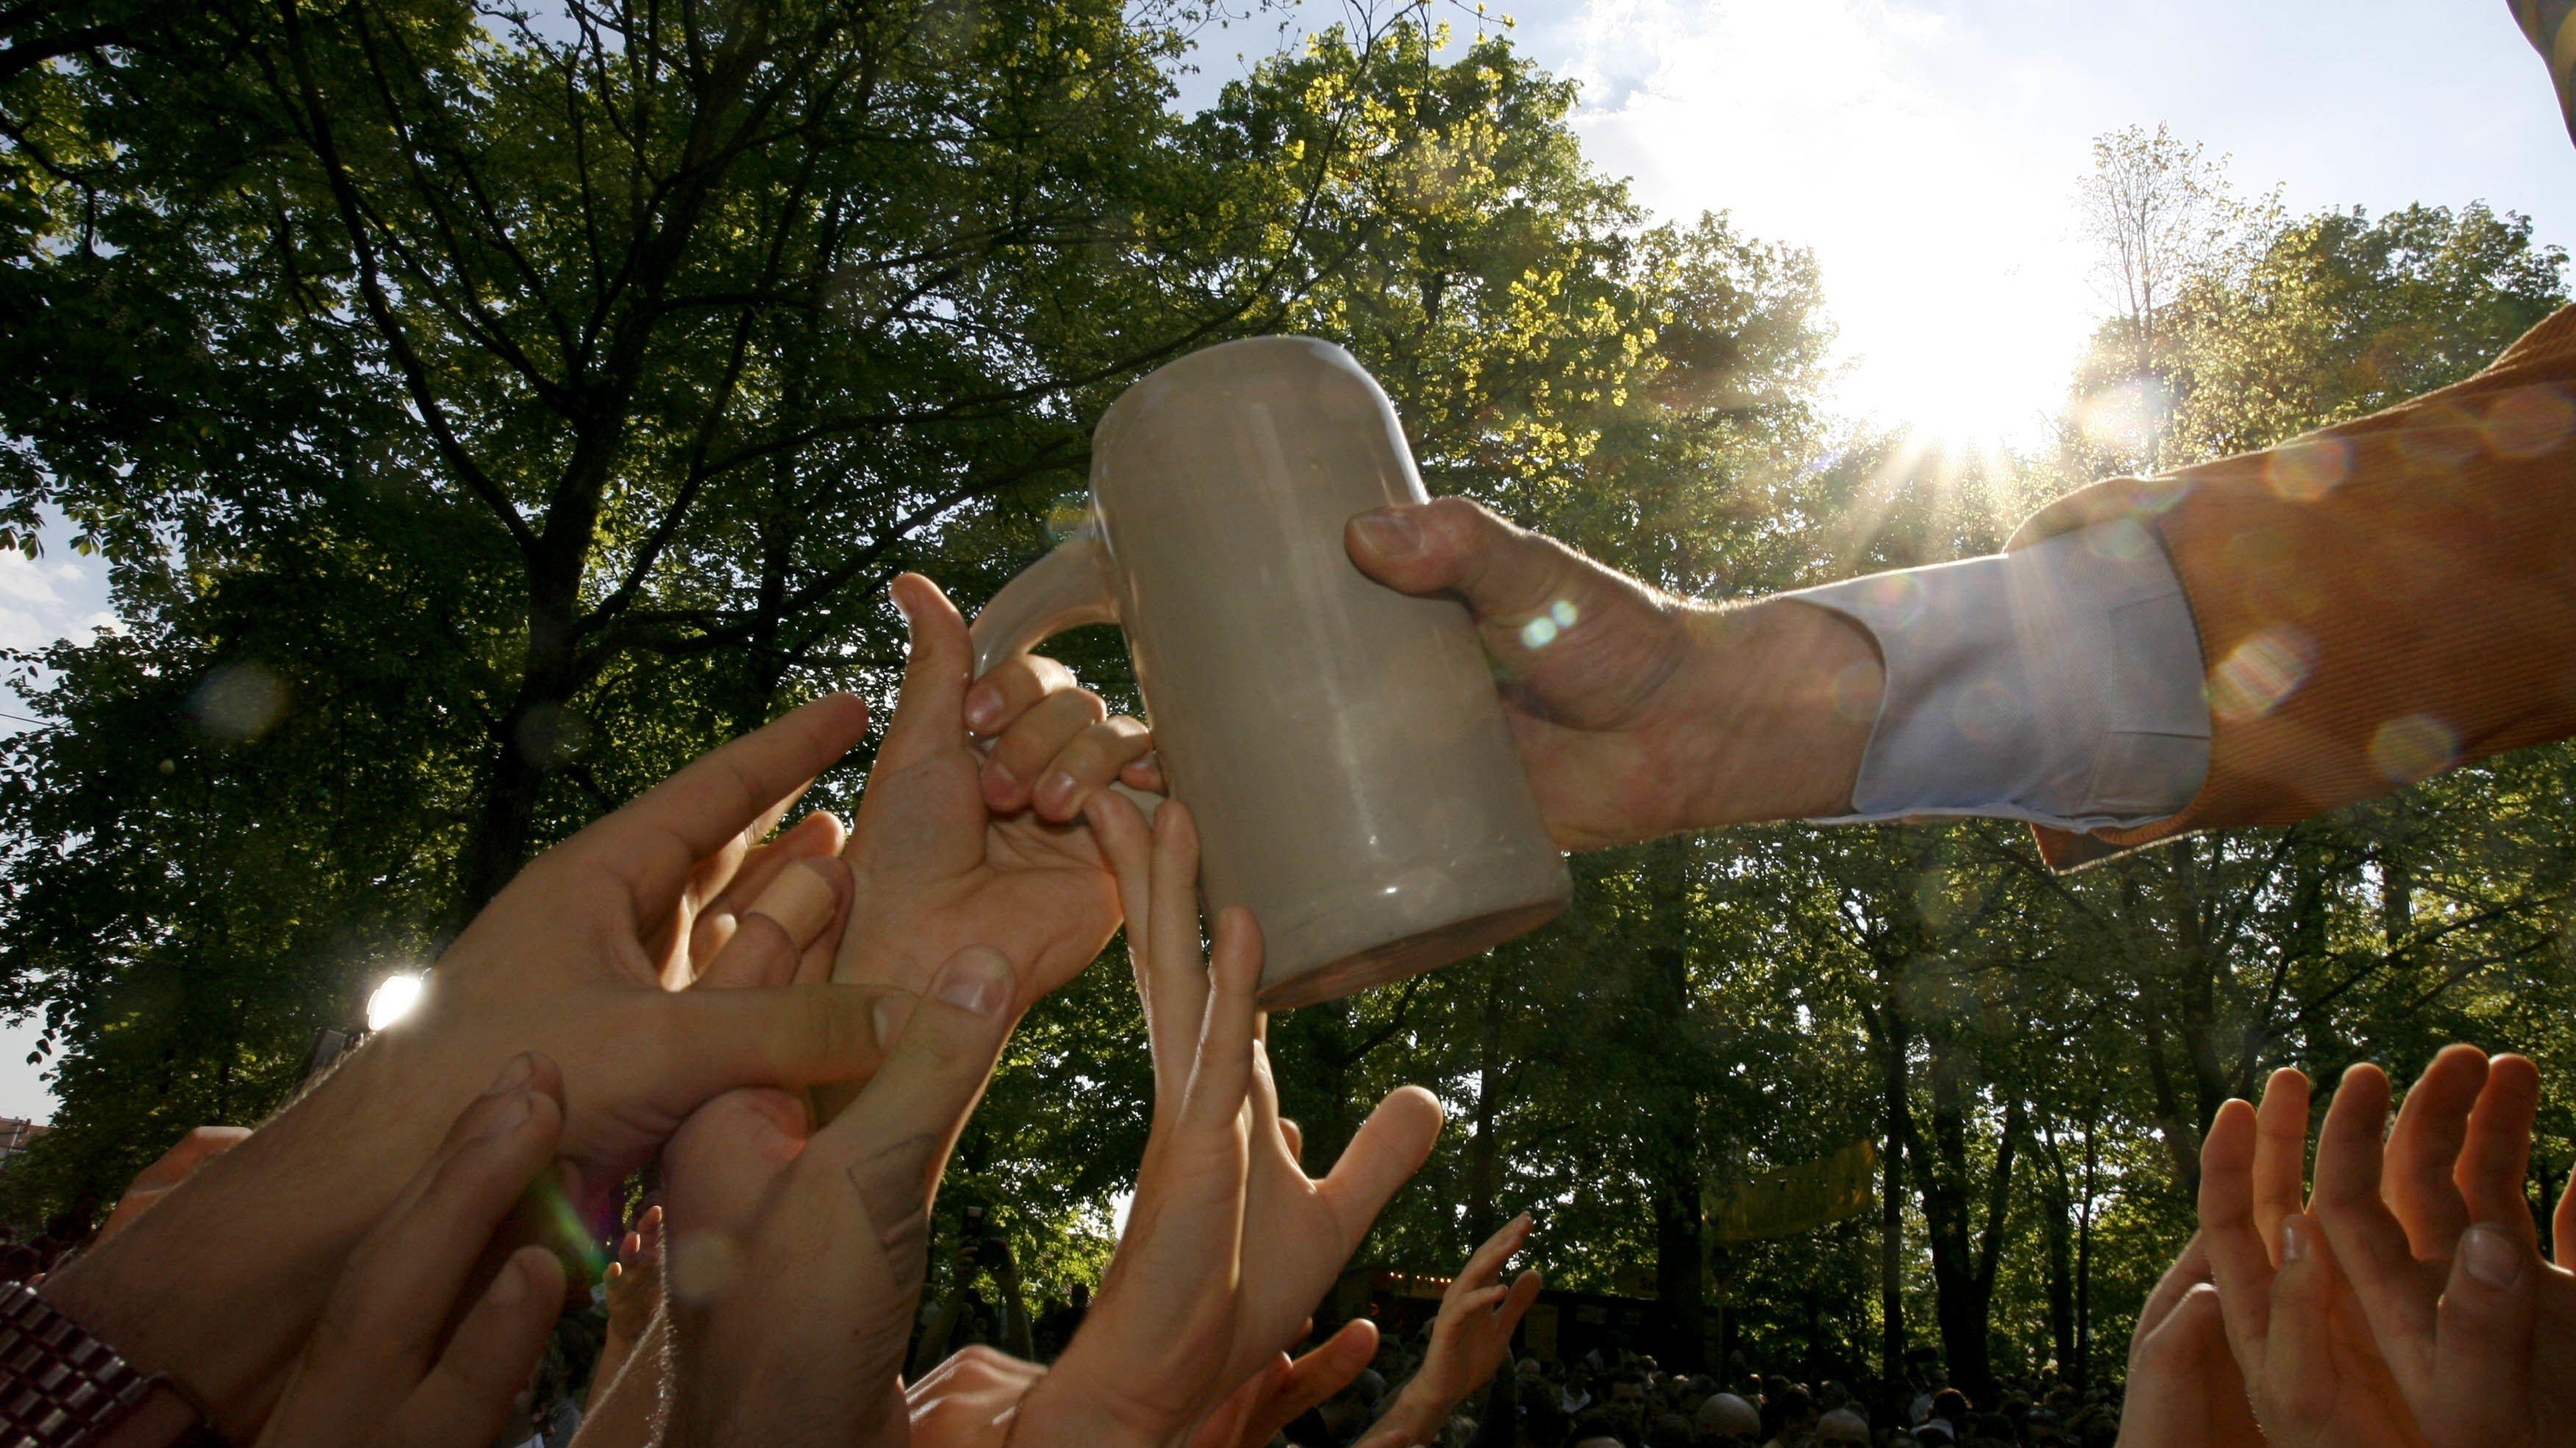 Viele Hände greifen nach einem Krug Bier.